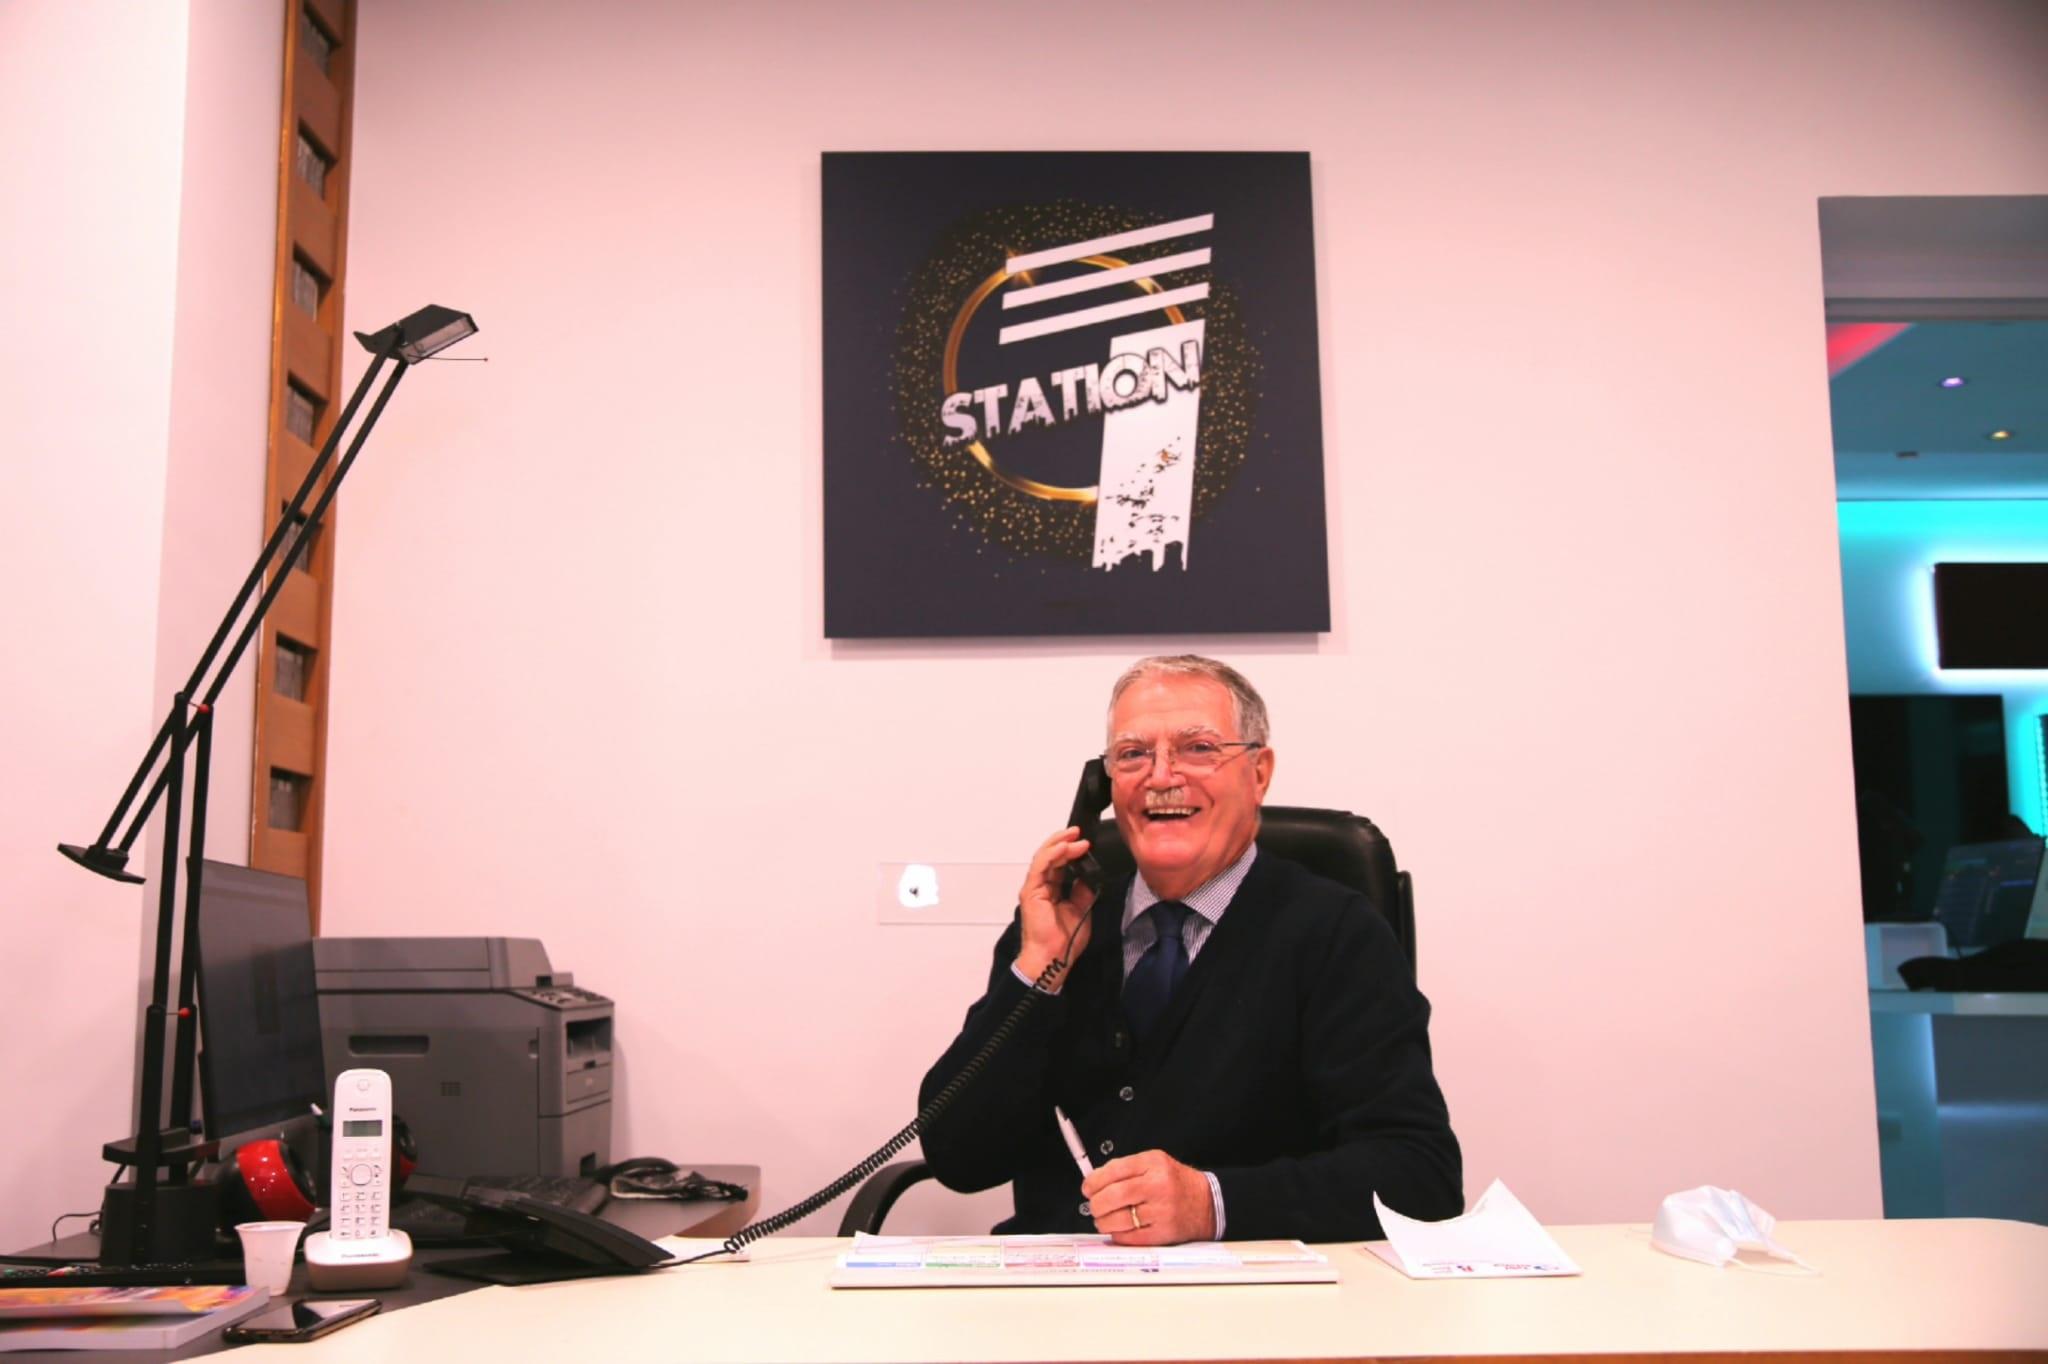 Eletto il nuovo Presidente del Consiglio di Disciplina Territoriale: Dott. Pietro Di Palma